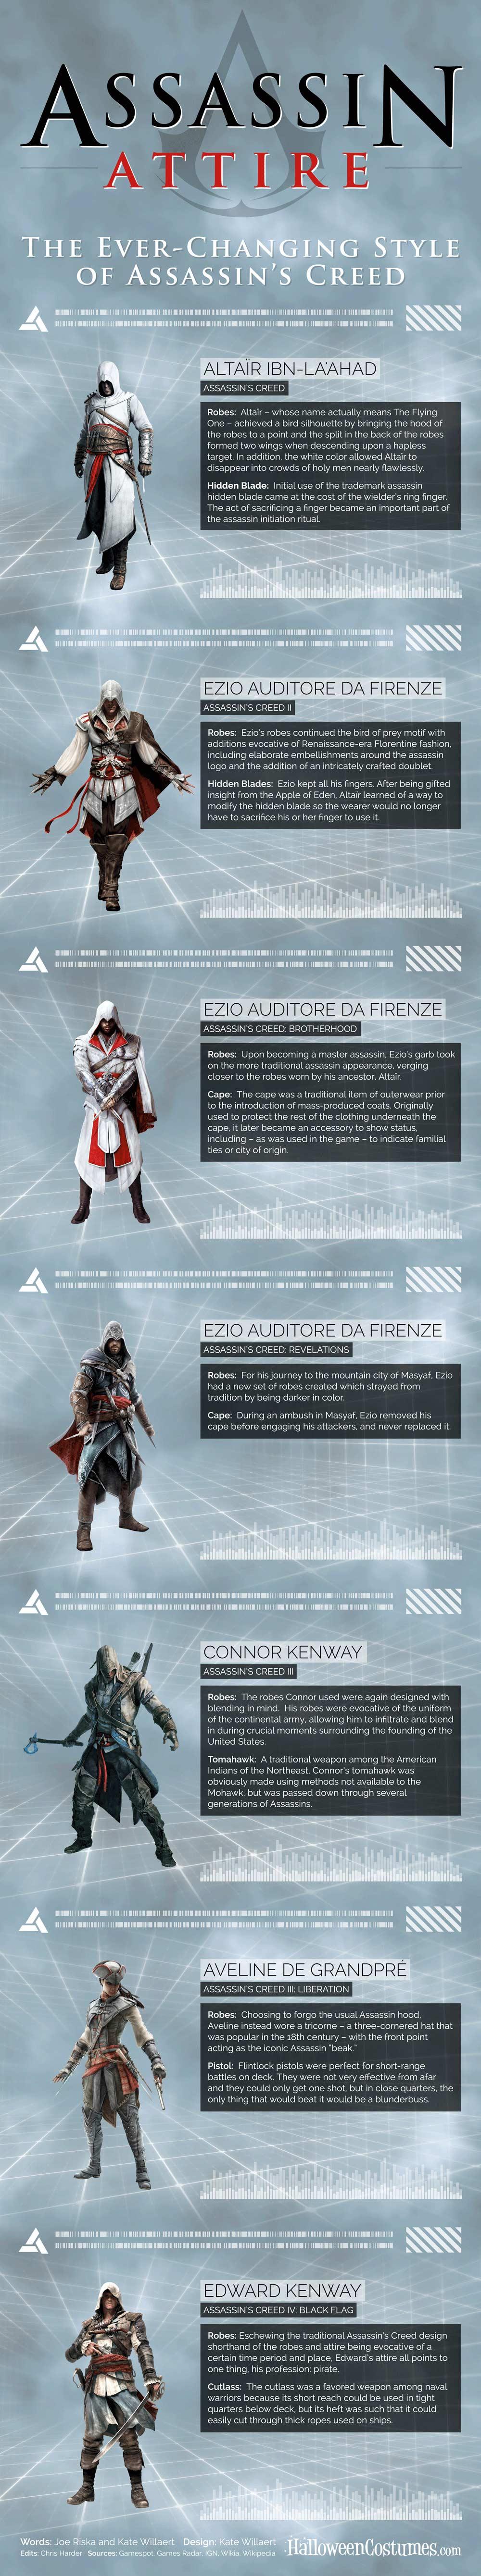 Infographic Assassins creed hoe zagen ze er ook alweer uit